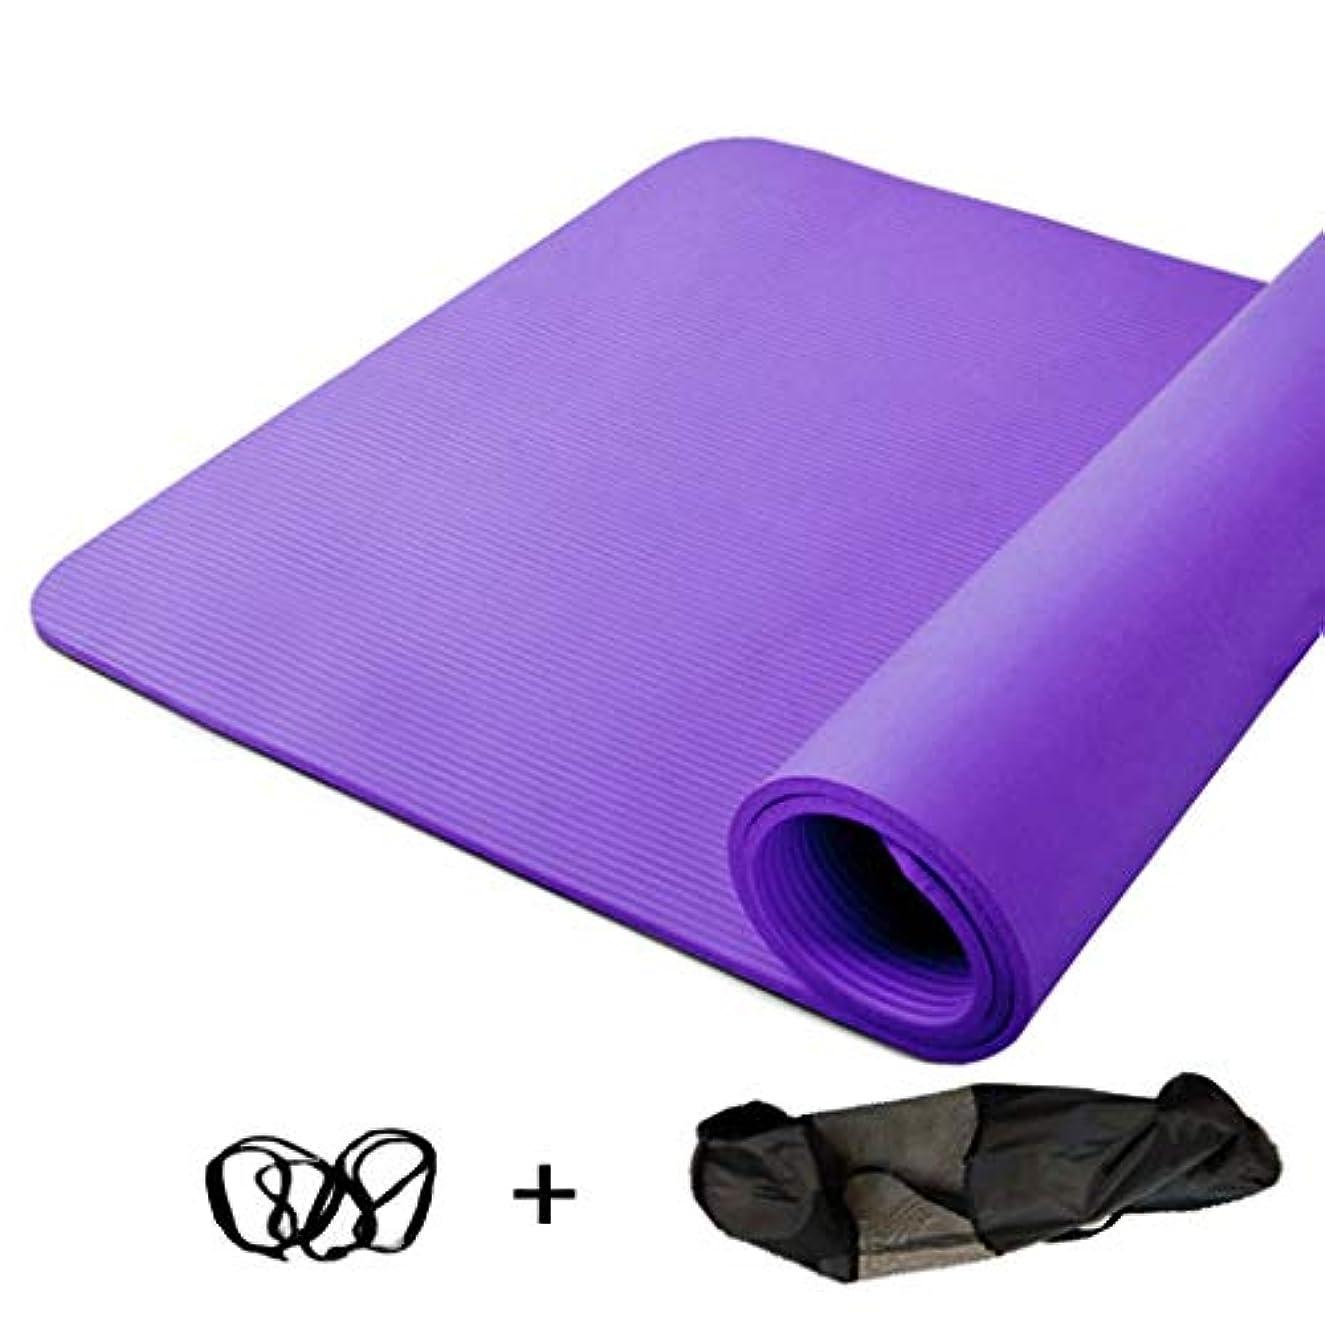 報復推測行方不明寝袋アウトドアアウトドアブッシュスリーシーズンキャンプ キャリングストラップ200 * 130 cm * 10 mm / 15 mmで広がる高密度ヨガマット余分厚いノンスリップフィットネスクッション で利用できる単一の二重色 (サイズ さいず : 紫の-Strap rope+bag, サイズ さいず : 15mm)